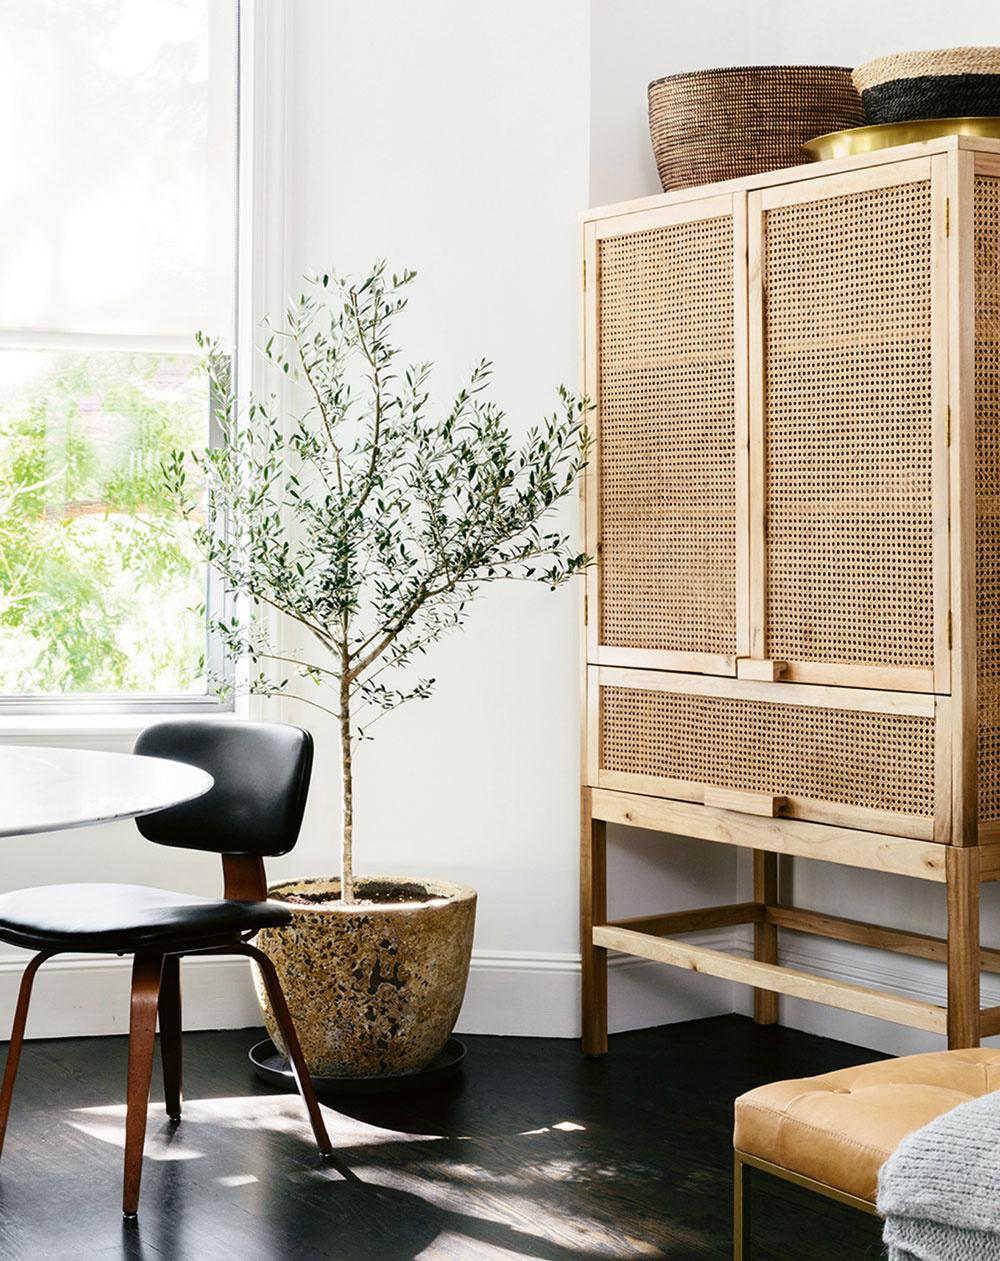 Pletené rastlinné vlákna sa hodia aj do škandinávsky ladených interiérov. Stačí zvoliť správny tvar nábytku.